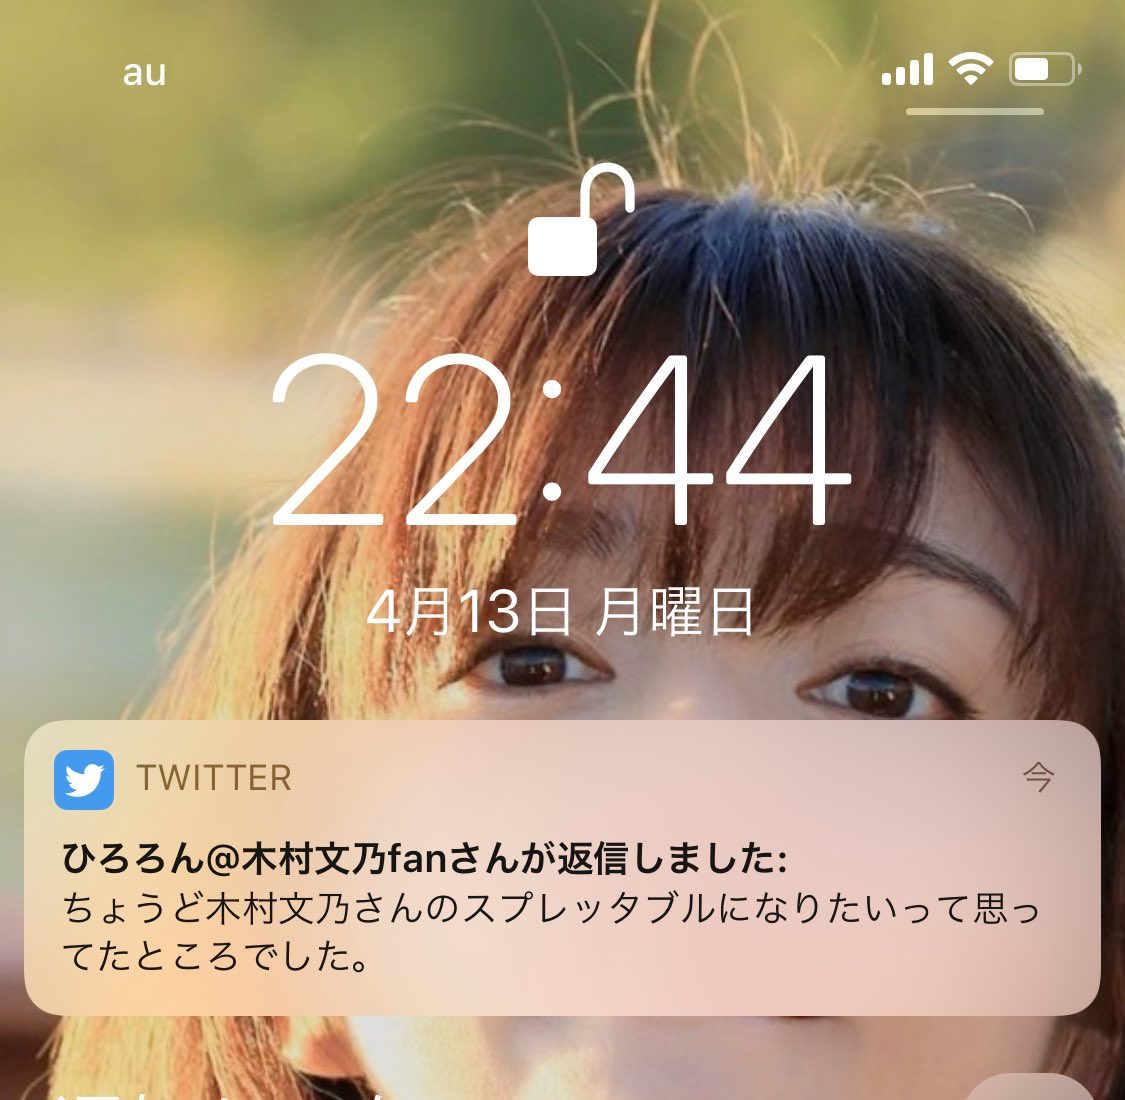 文乃 ツイッター 木村